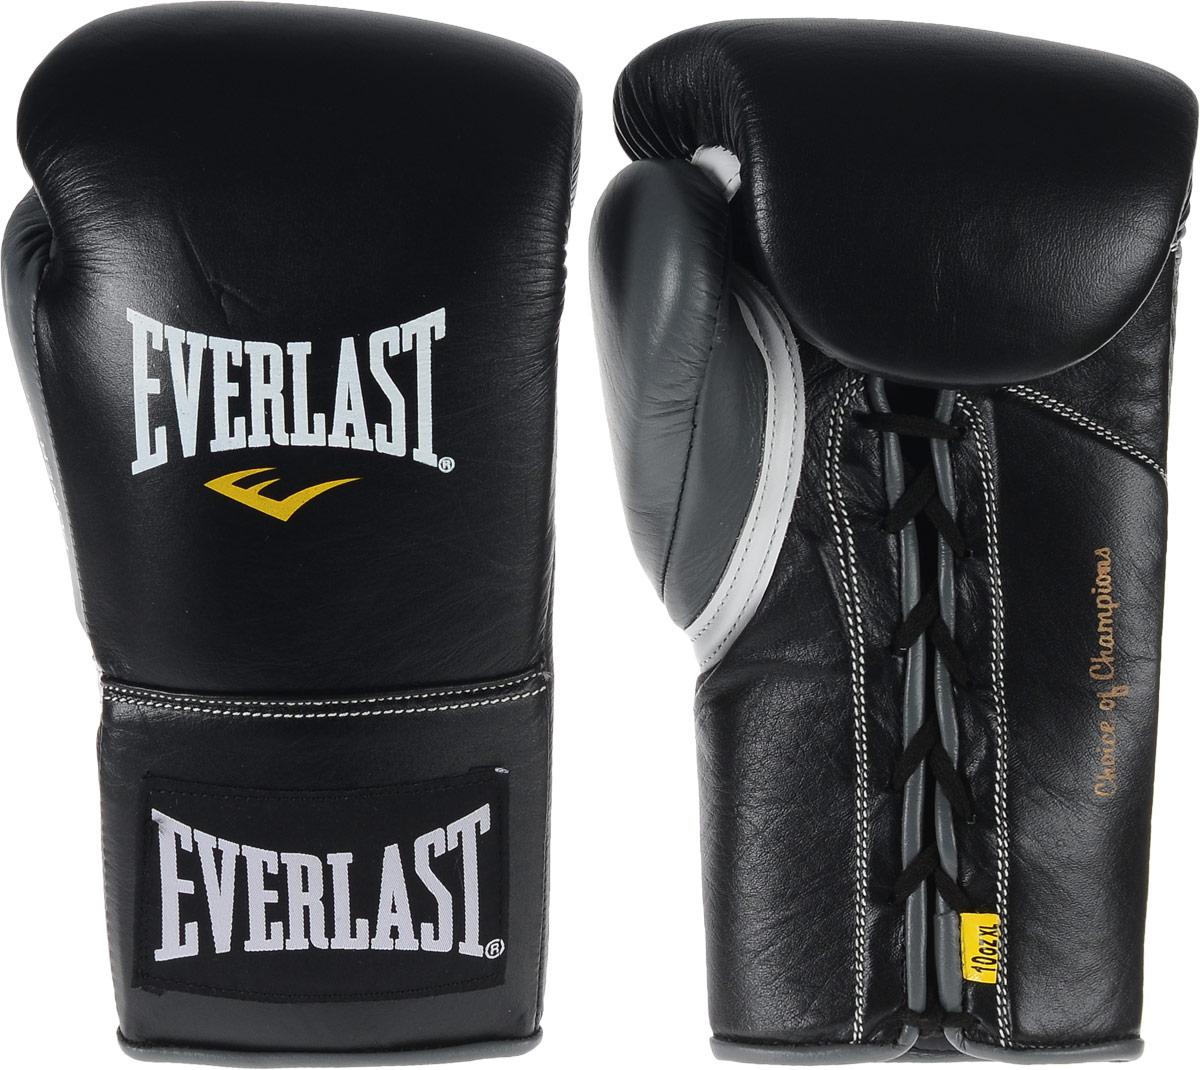 Перчатки боевые Everlast Powerlock, цвет: черный, серый. Вес 10 унций. Размер XL27111070101Боевые перчатки на шнуровке Everlast Powerlock изготавливаются из натуральной кожи премиум класса, выдерживающей длительные нагрузки. Благодаря пенному наполнителю, выложенному по технологии Powerlock, обеспечивается идеальный баланс между силой удара и защитой от травм. Эргономический дизайн перчатки позволяет руке принимать правильную и удобную форму кулака, делая удар быстрым и безопасным одновременно. Предназначены для профессиональных боев.